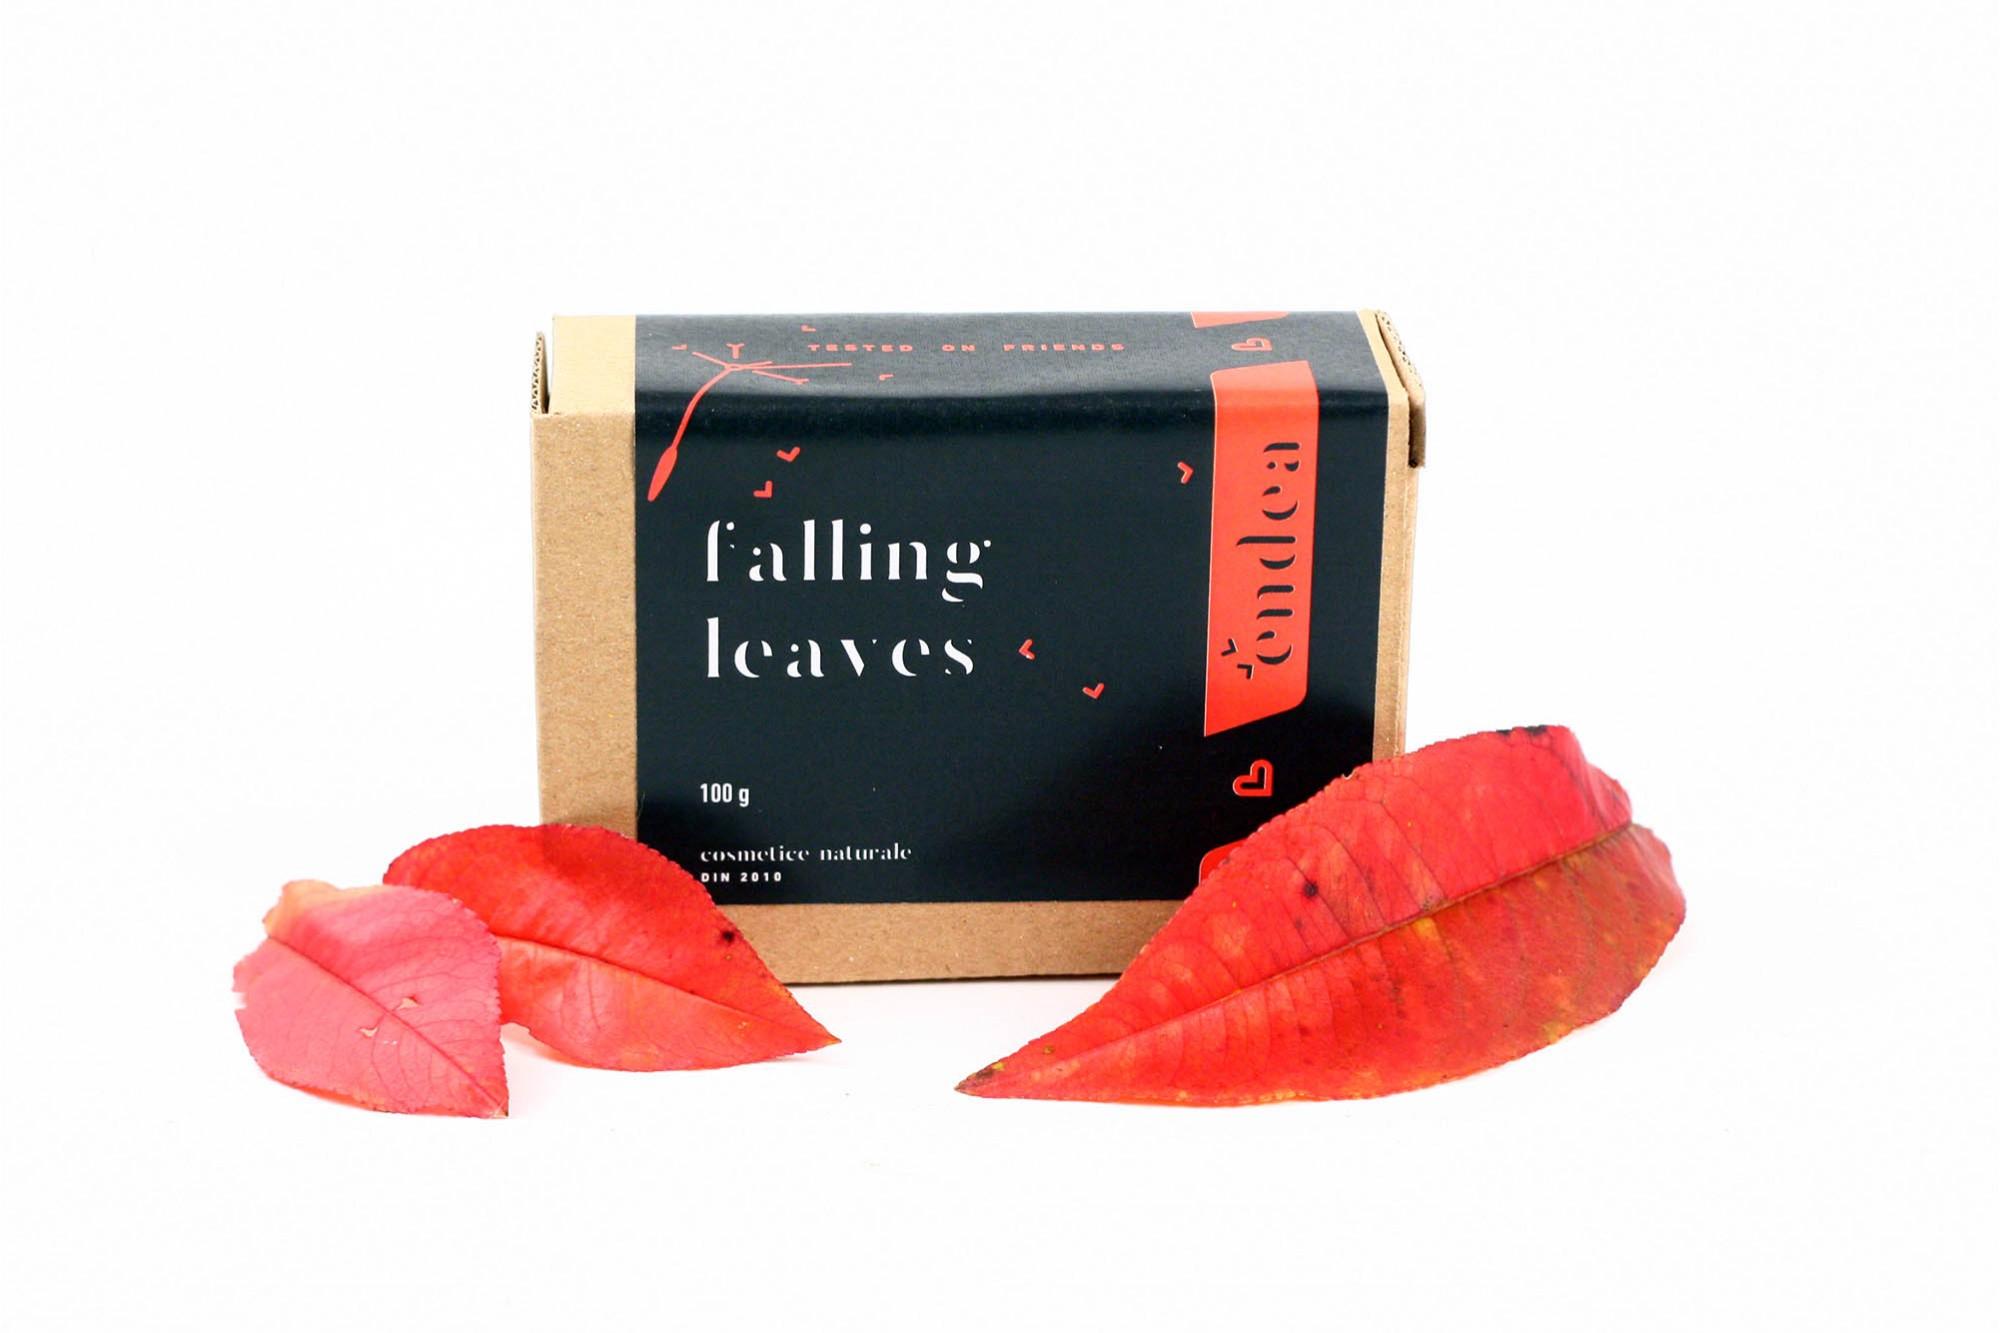 Săpun natural de toamnă promo cu 20% reducere - Falling Leaves